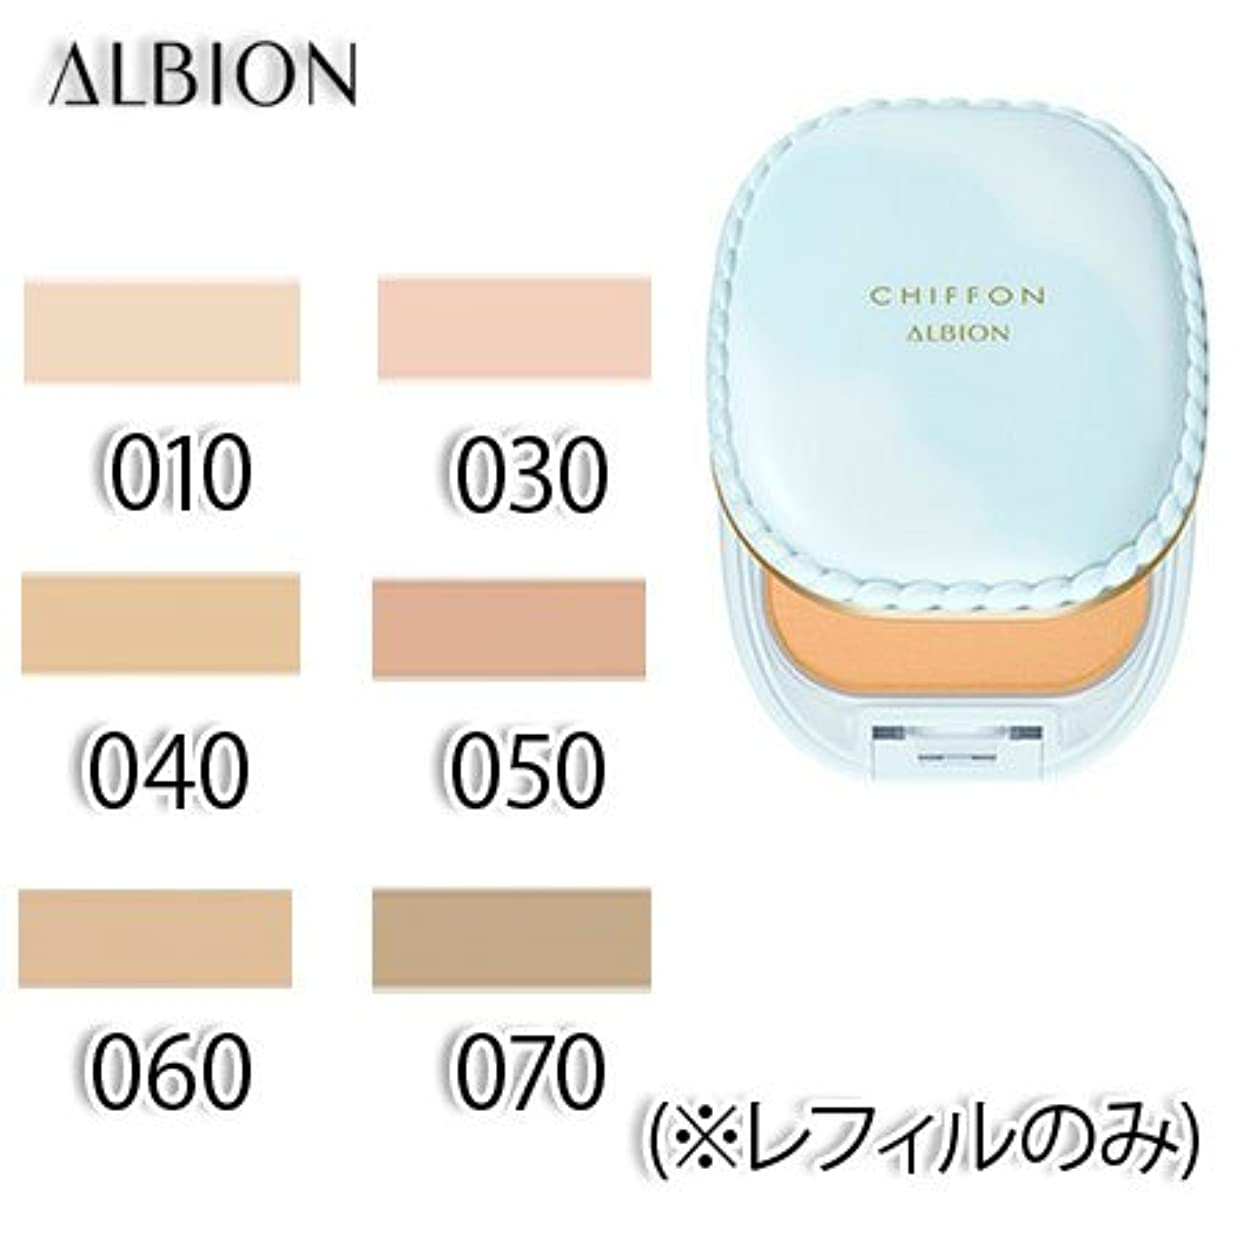 地中海一生分注するアルビオン スノー ホワイト シフォン 全6色 SPF25?PA++ 10g (レフィルのみ) -ALBION- 030